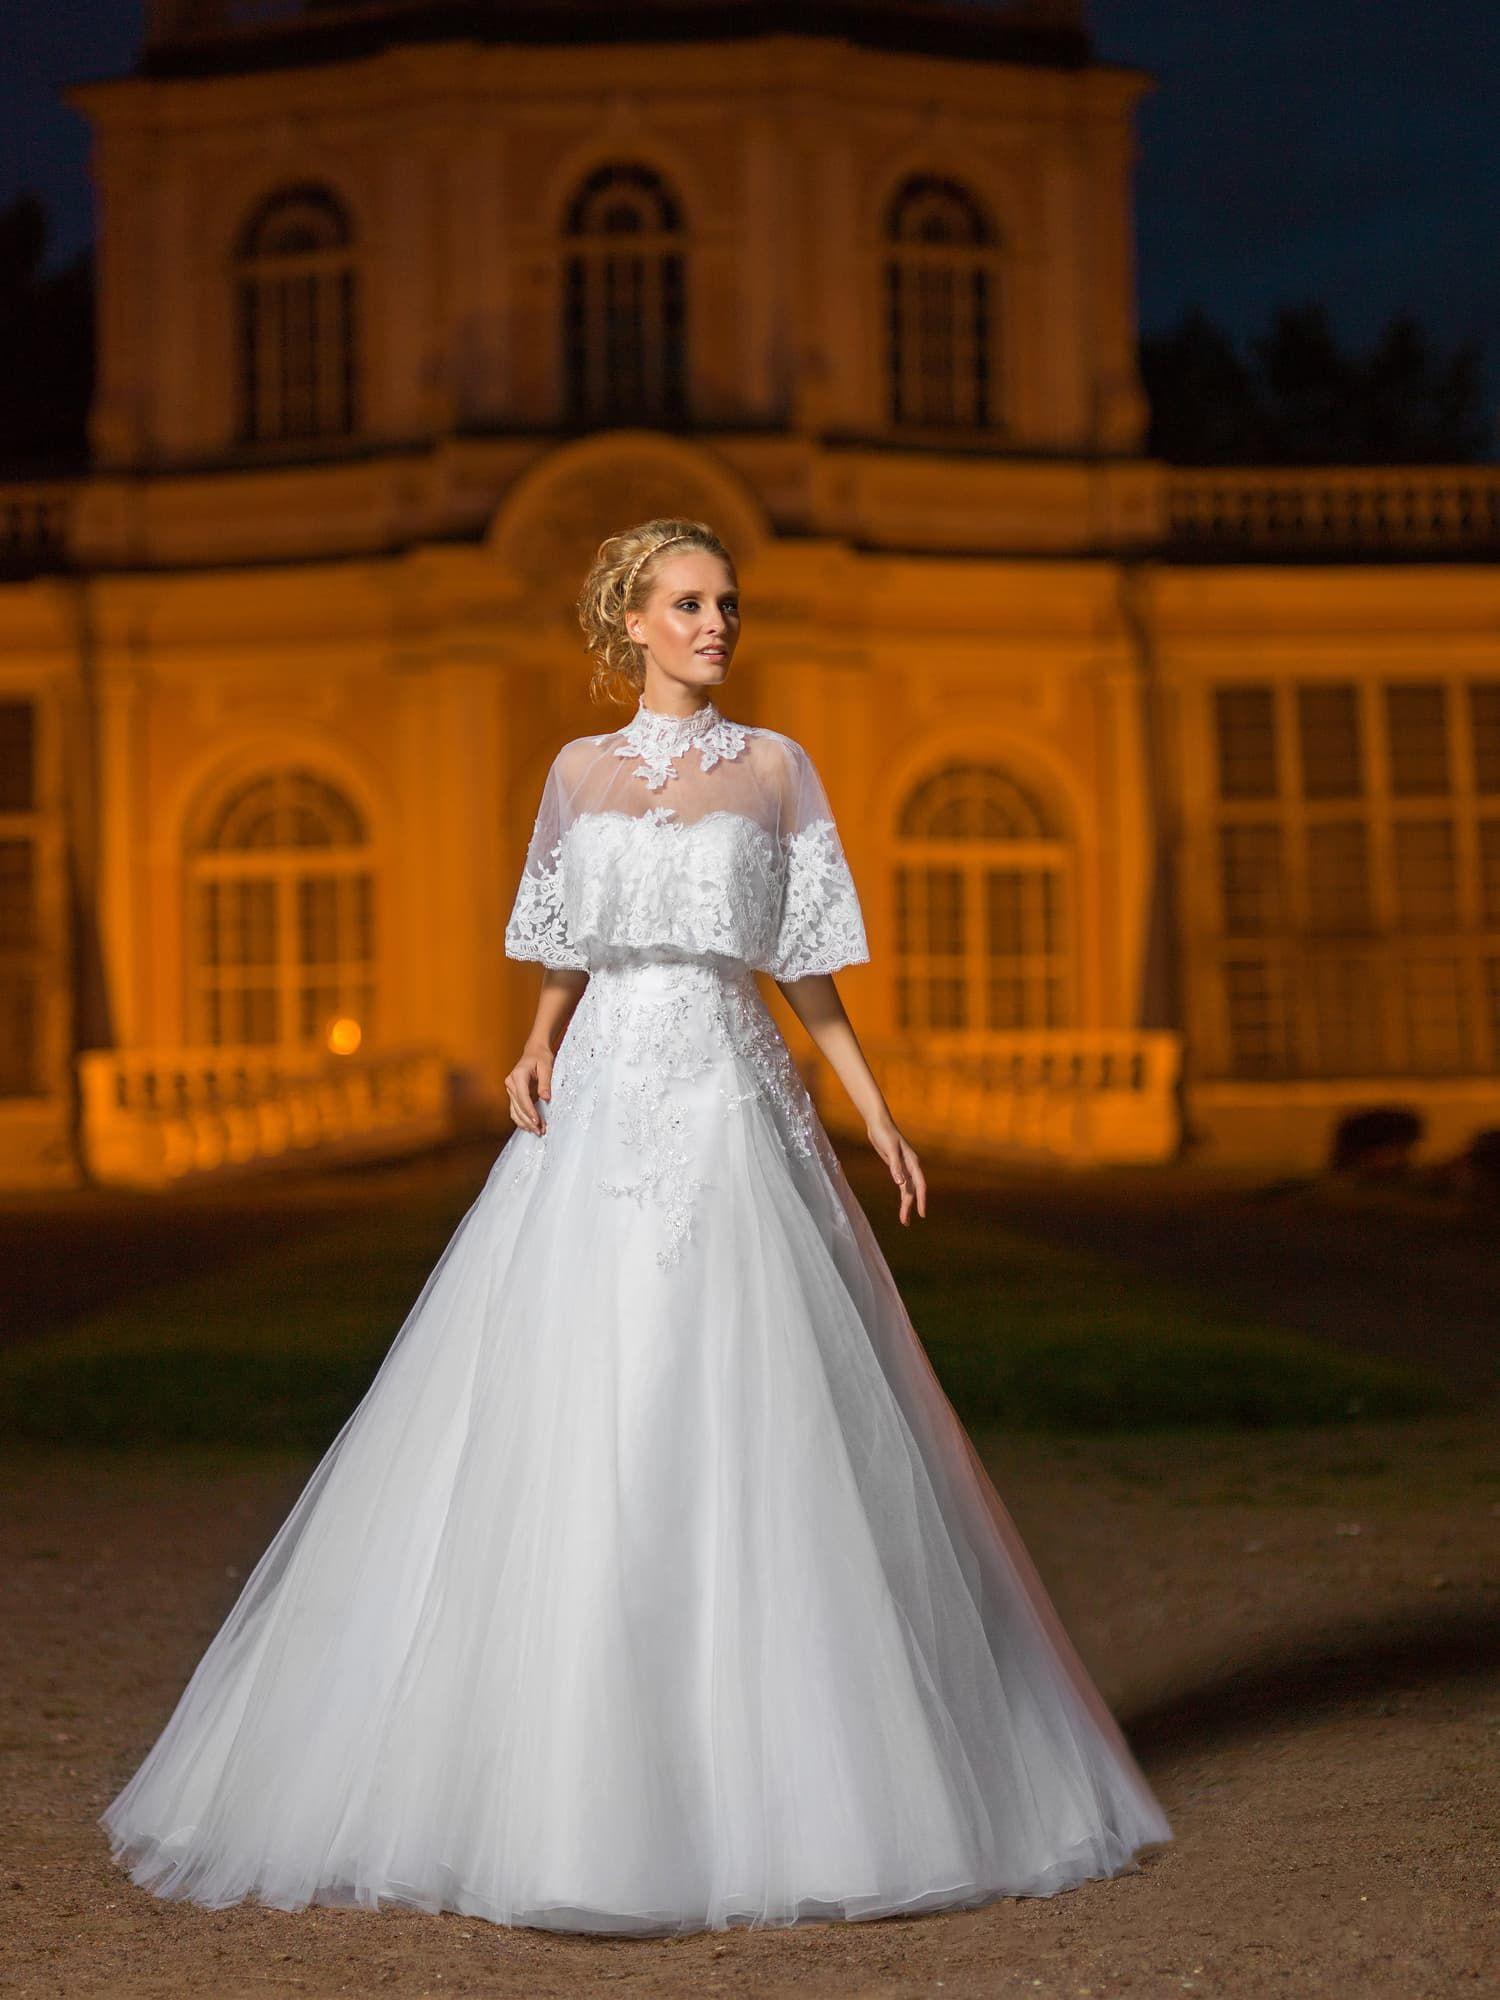 a2e01f7ecd8 Свадебное платье x Zotik SP1-3971 ▷ Свадебный Торговый Центр Вега в Москве